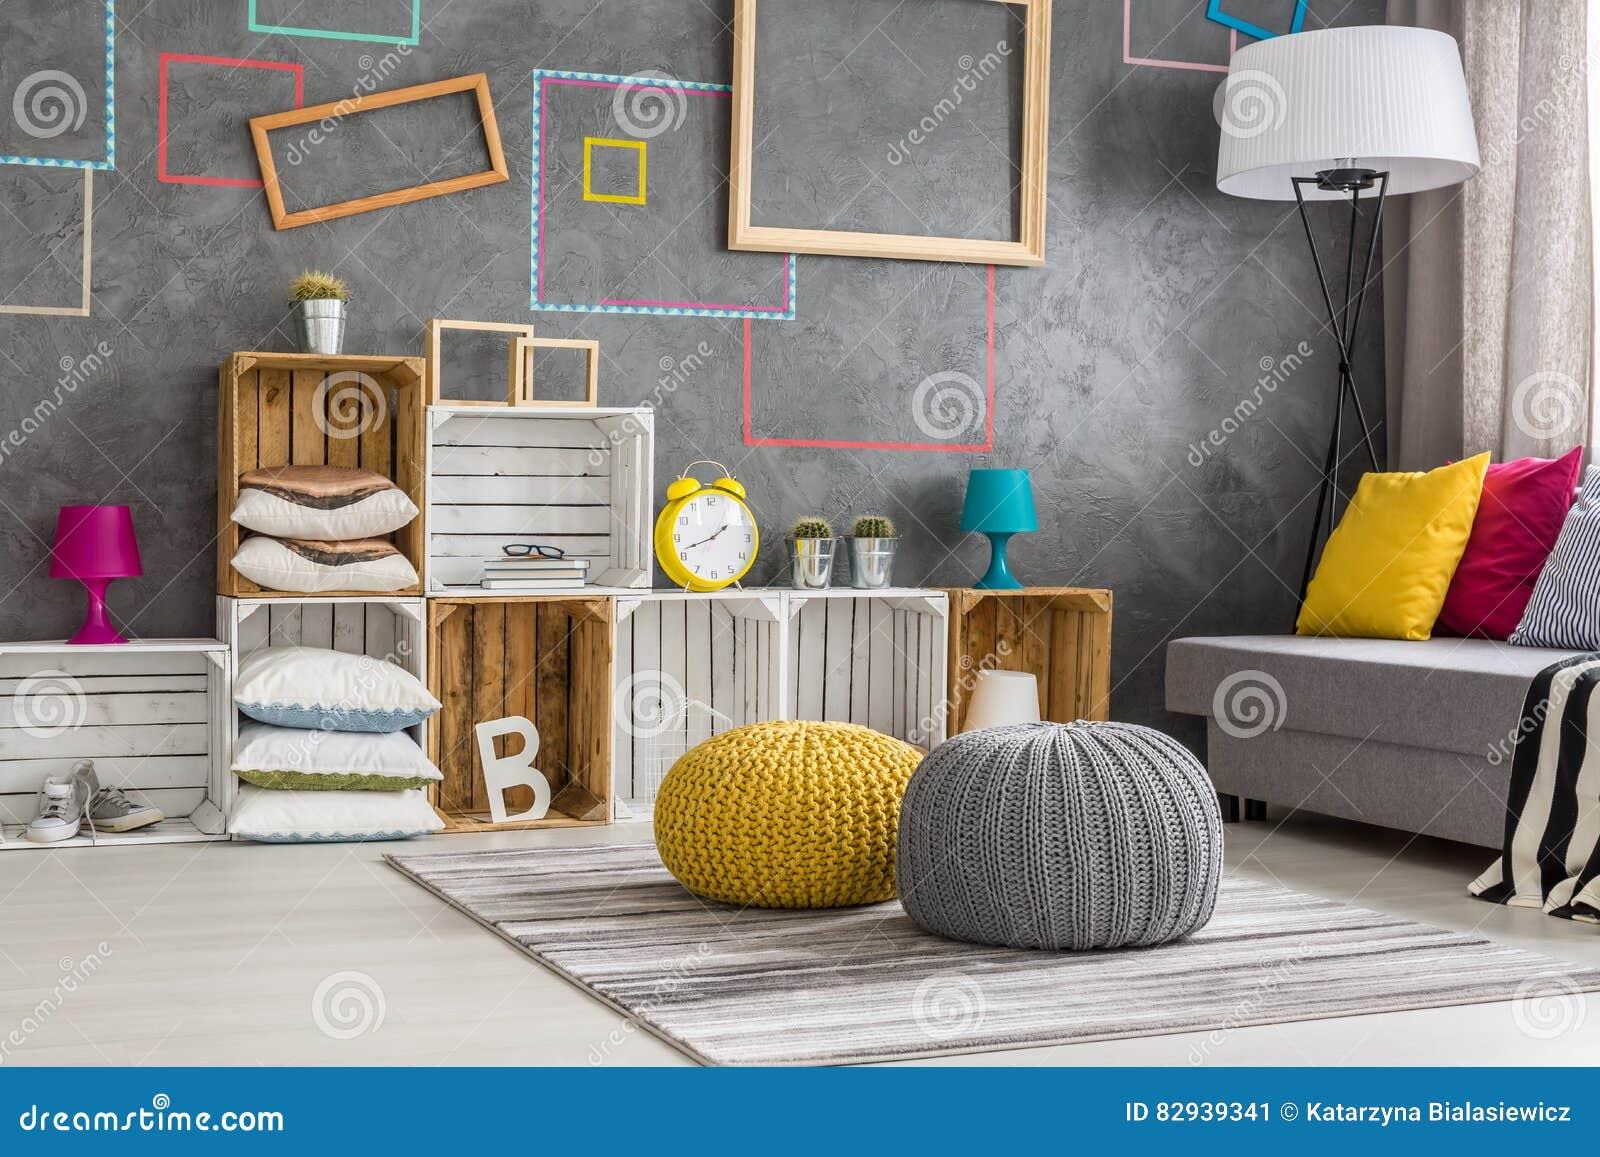 Boxes Living Modern Room Shelf